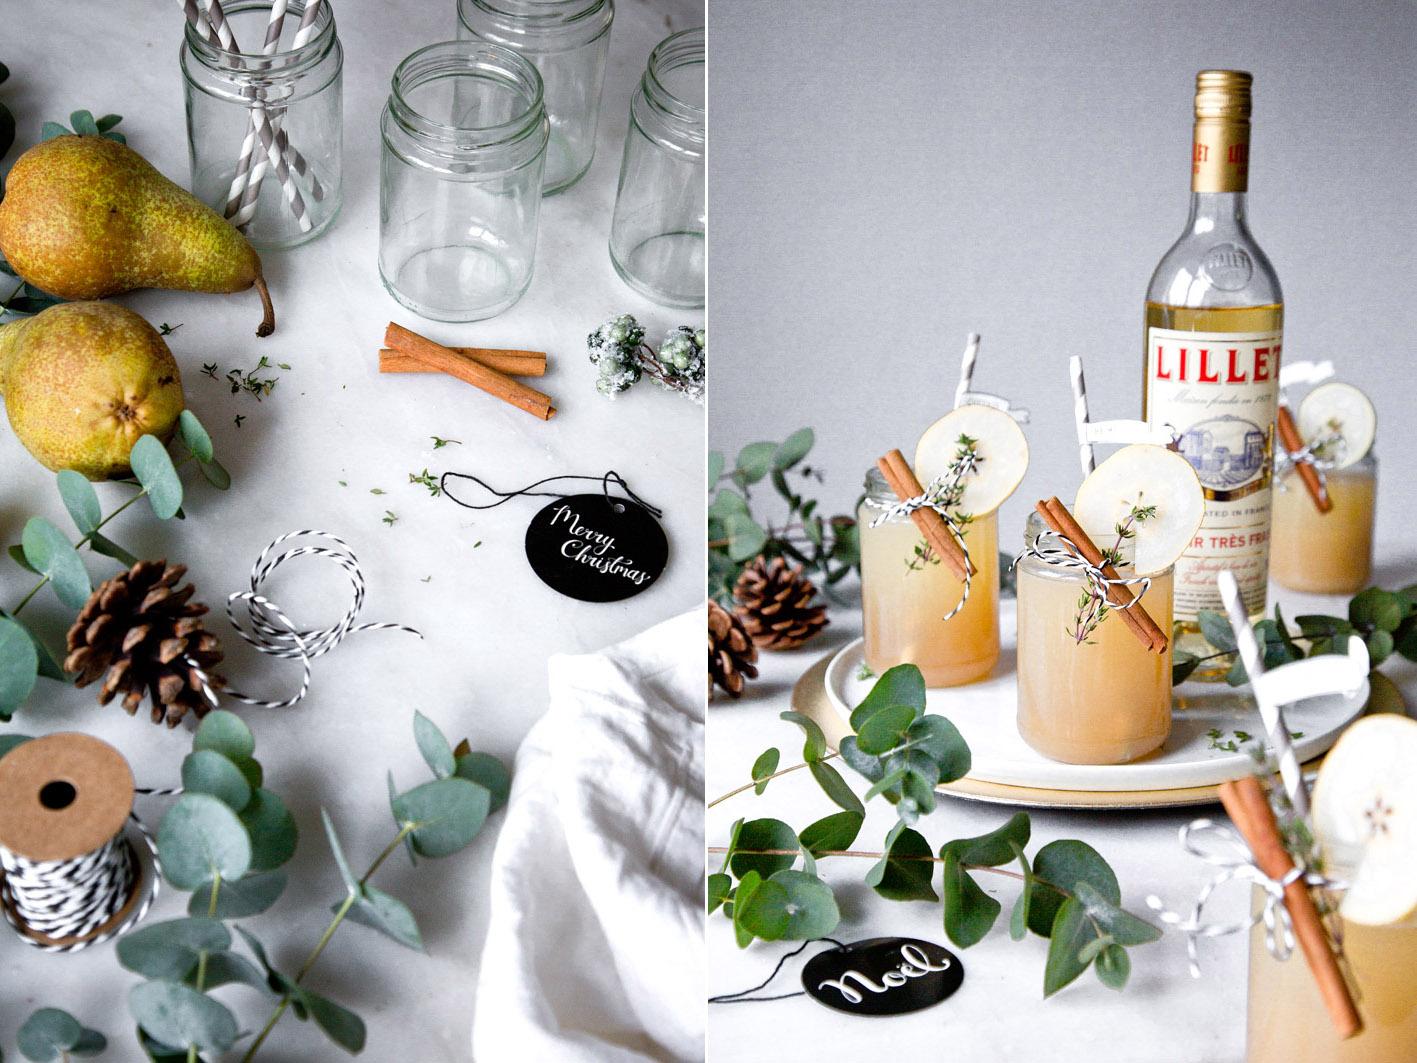 Winterlicher Cocktail mit Lille Blanc, Birne und Zimt